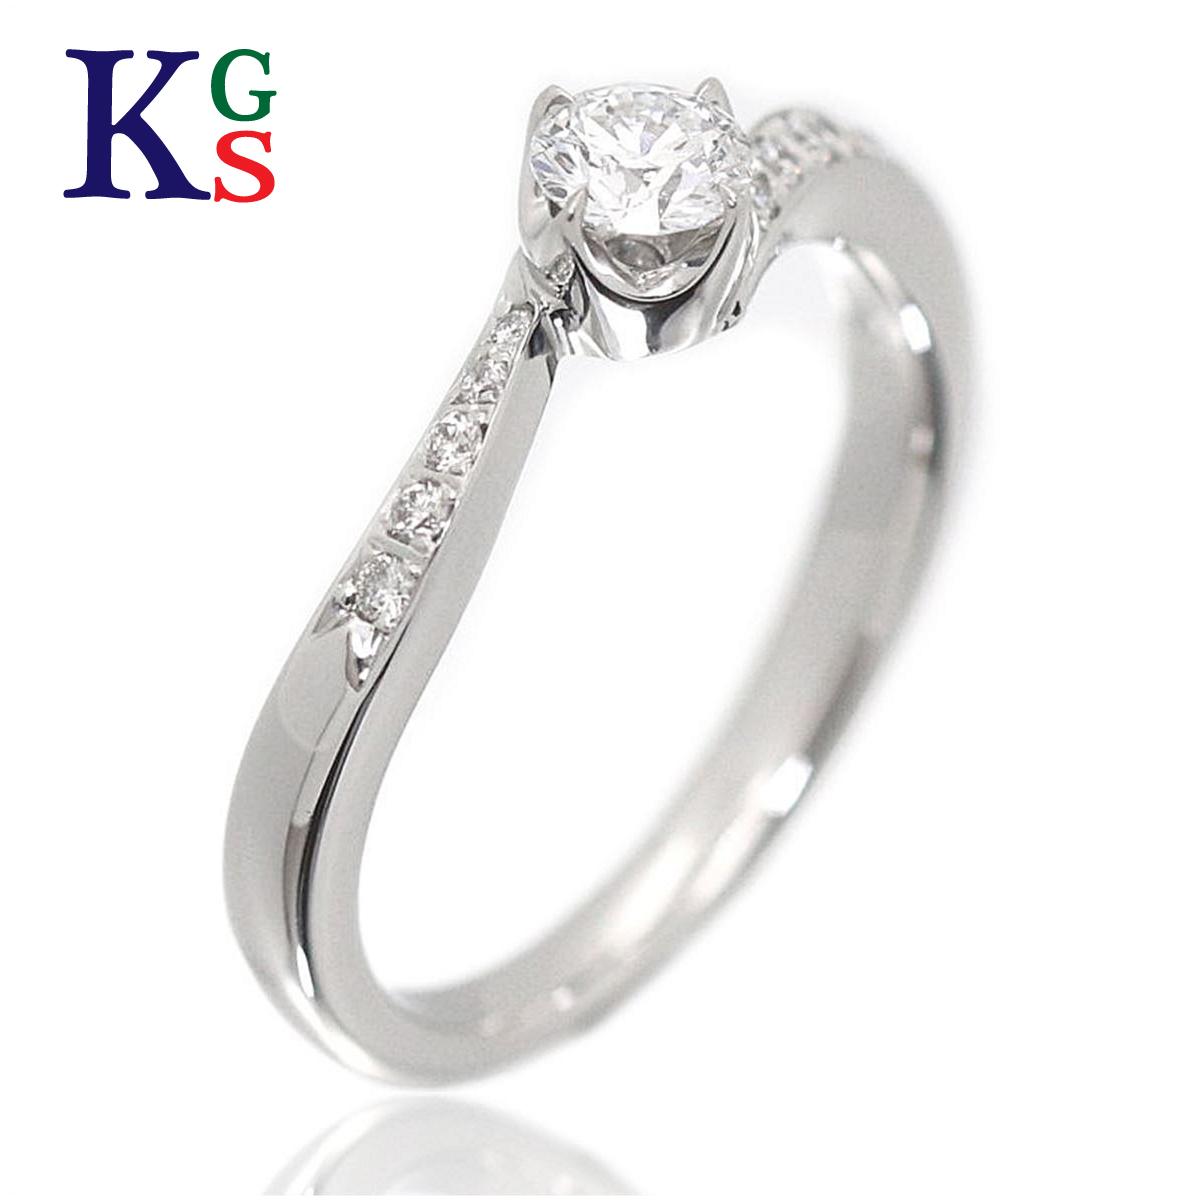 【ギフト品質】【名入れ】【0.226ct】ヨンドシー/4℃ アクアニティ ソリティア エンゲージリング 婚約指輪 Pt950 ダイヤモンド プラチナ